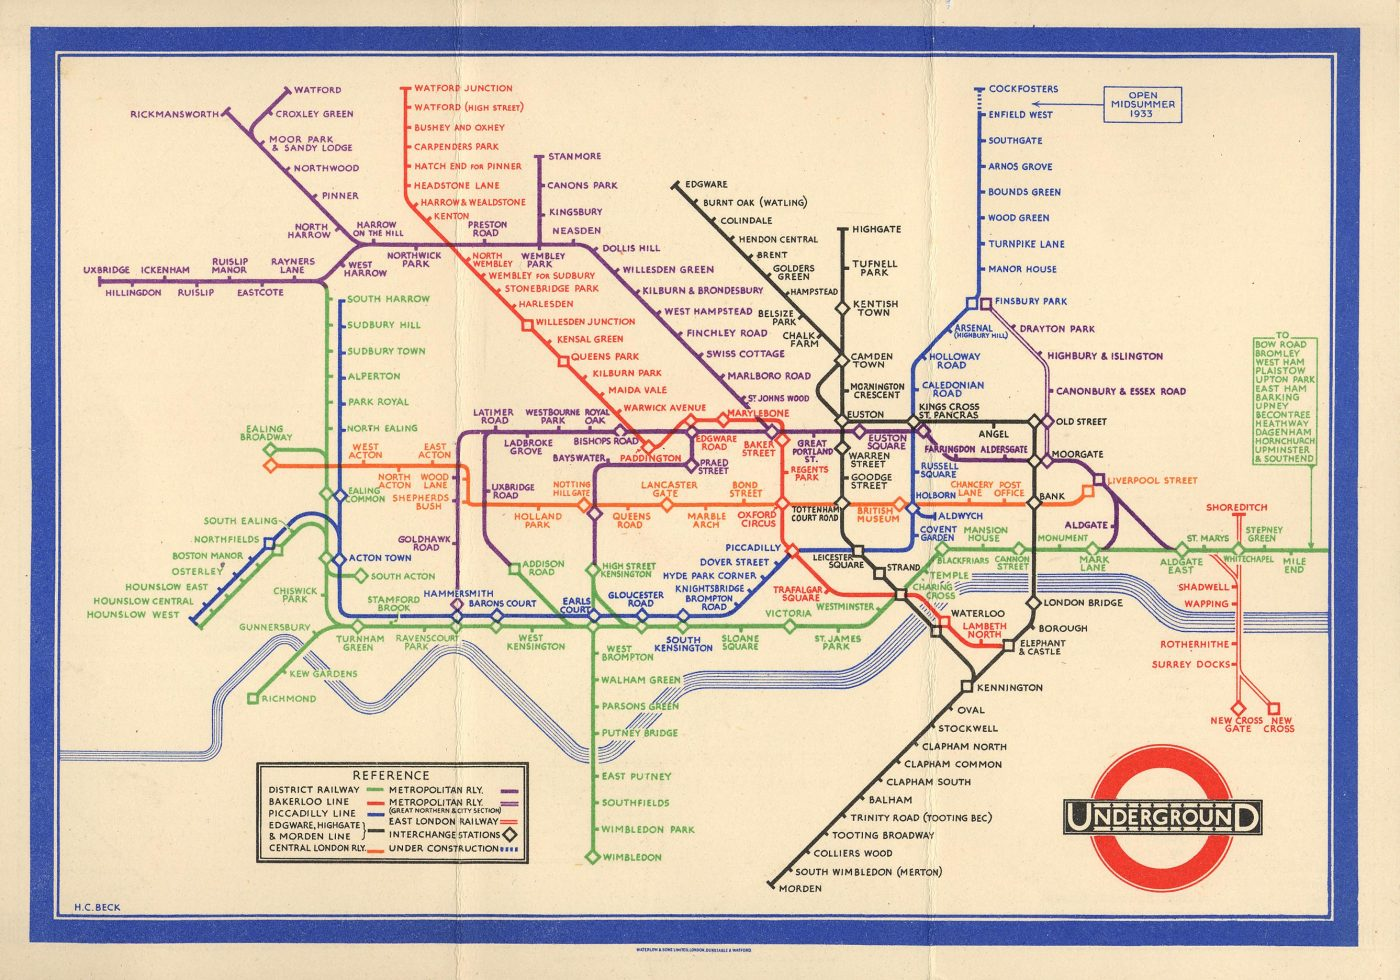 Le plan du métro de Londres, Harry Beck, 1933.